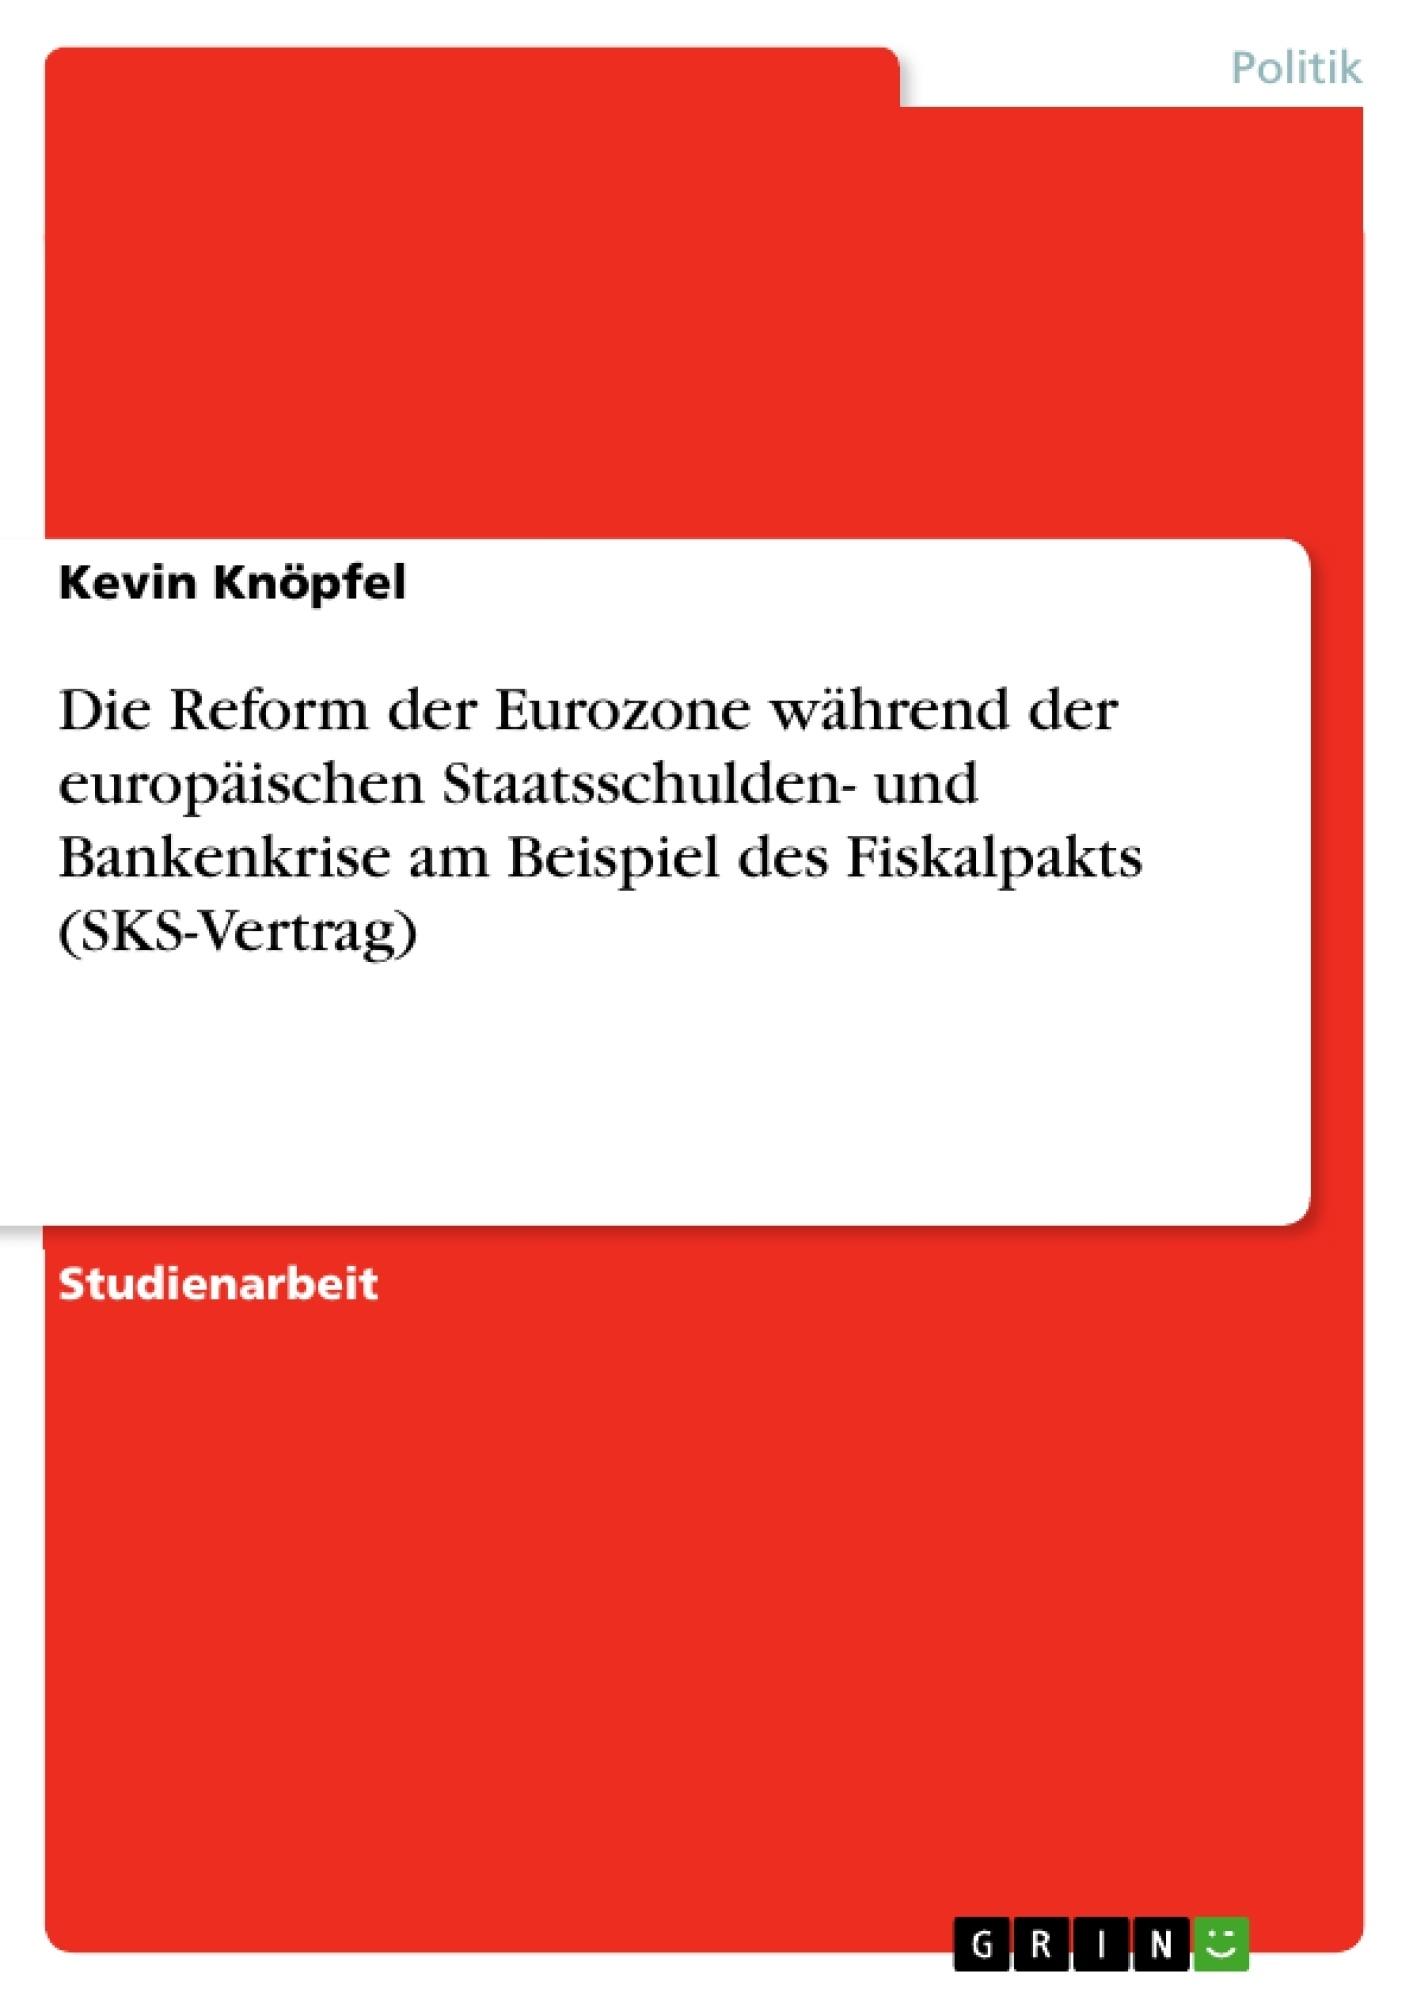 Titel: Die Reform der Eurozone während der europäischen Staatsschulden- und Bankenkrise am Beispiel des Fiskalpakts (SKS-Vertrag)